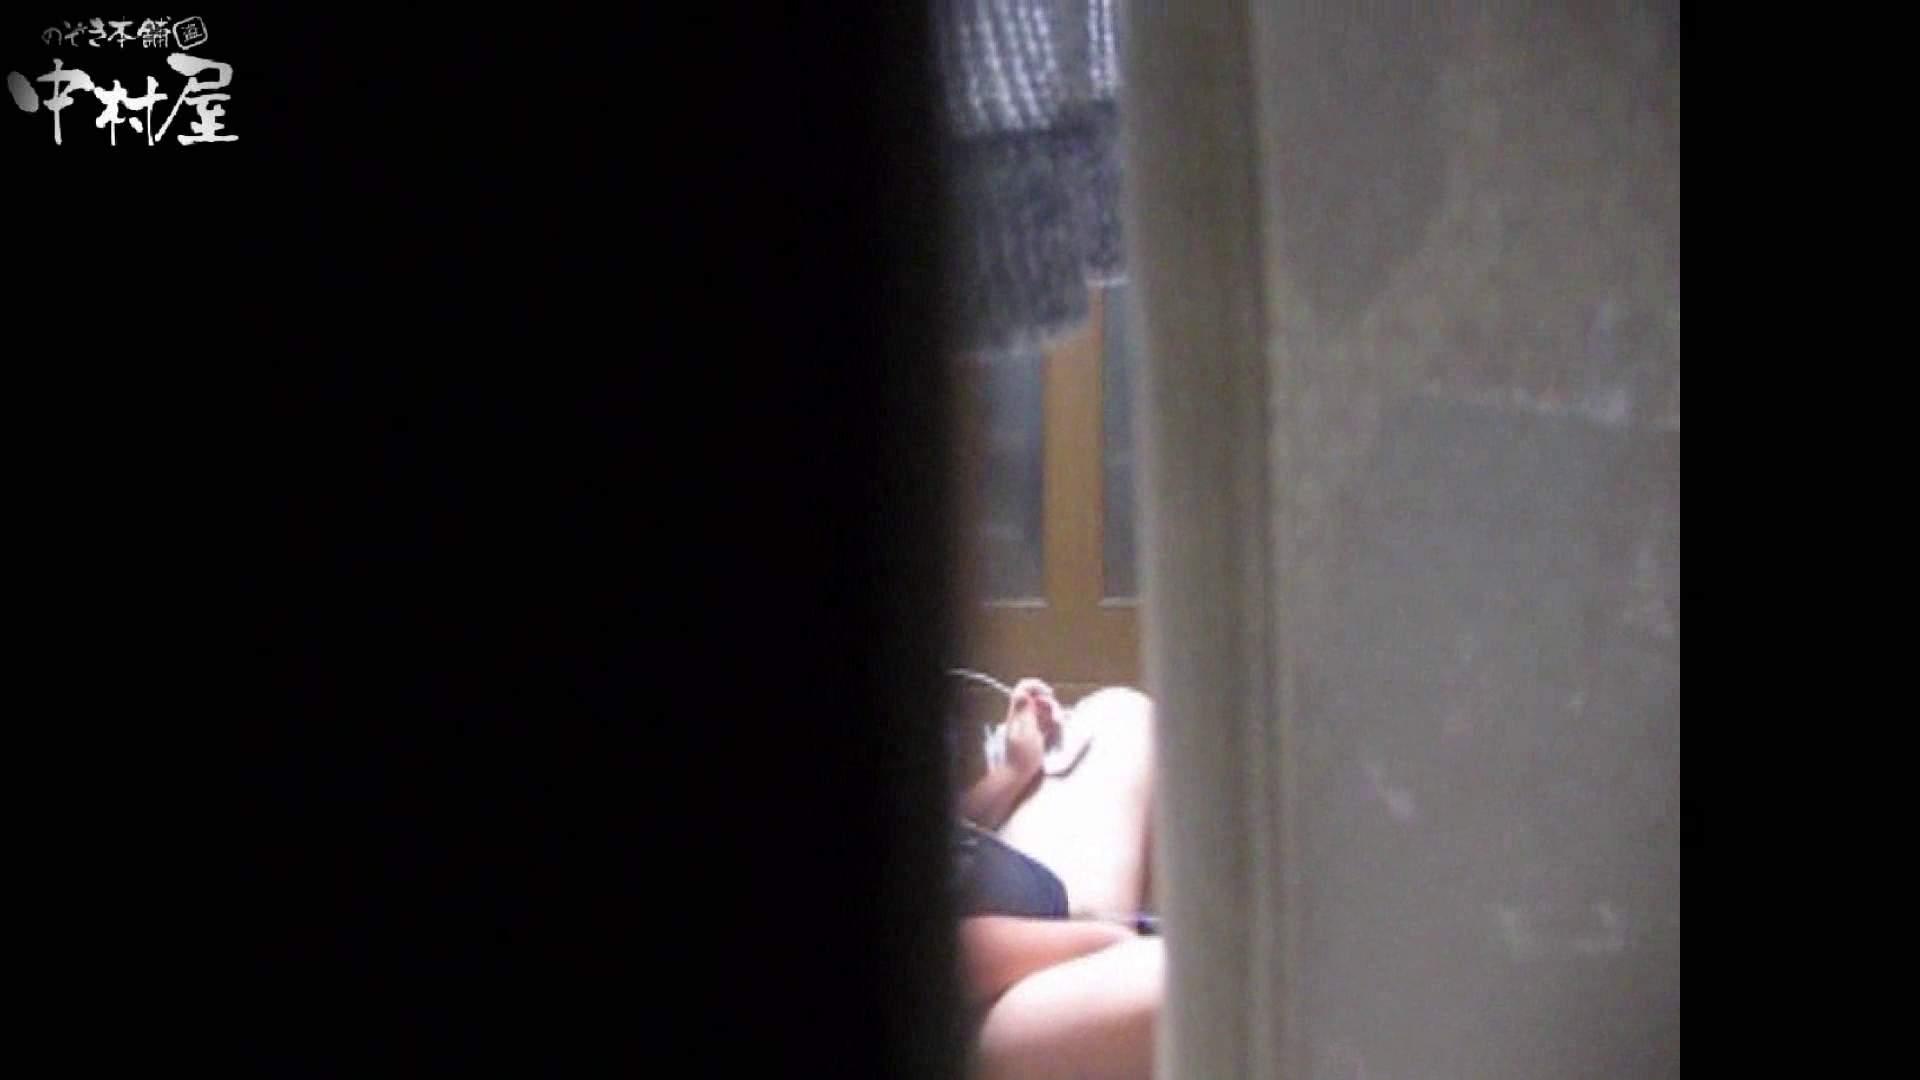 民家風呂専門盗撮師の超危険映像 vol.021 美女ヌード | 美少女ヌード  65画像 25